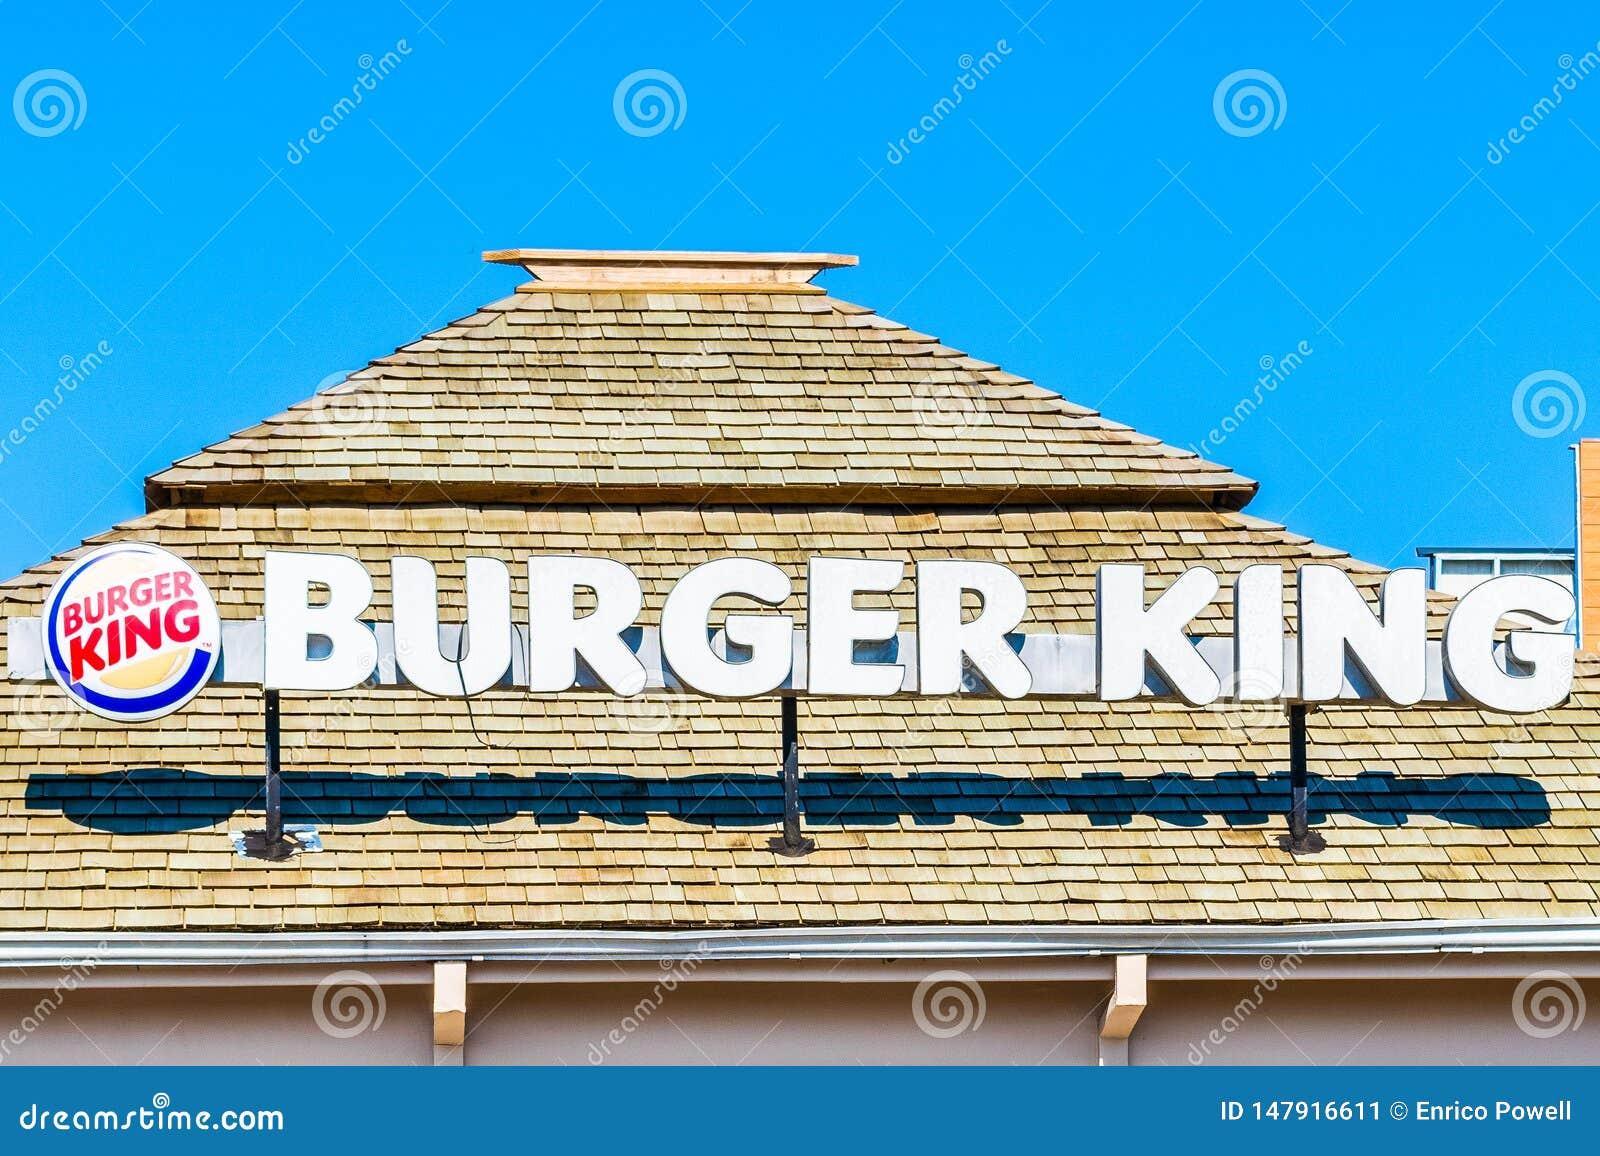 Branche de concession de Negril Jamaïque de chaîne américaine Burger King, un restaurant préféré d aliments de préparation rapide